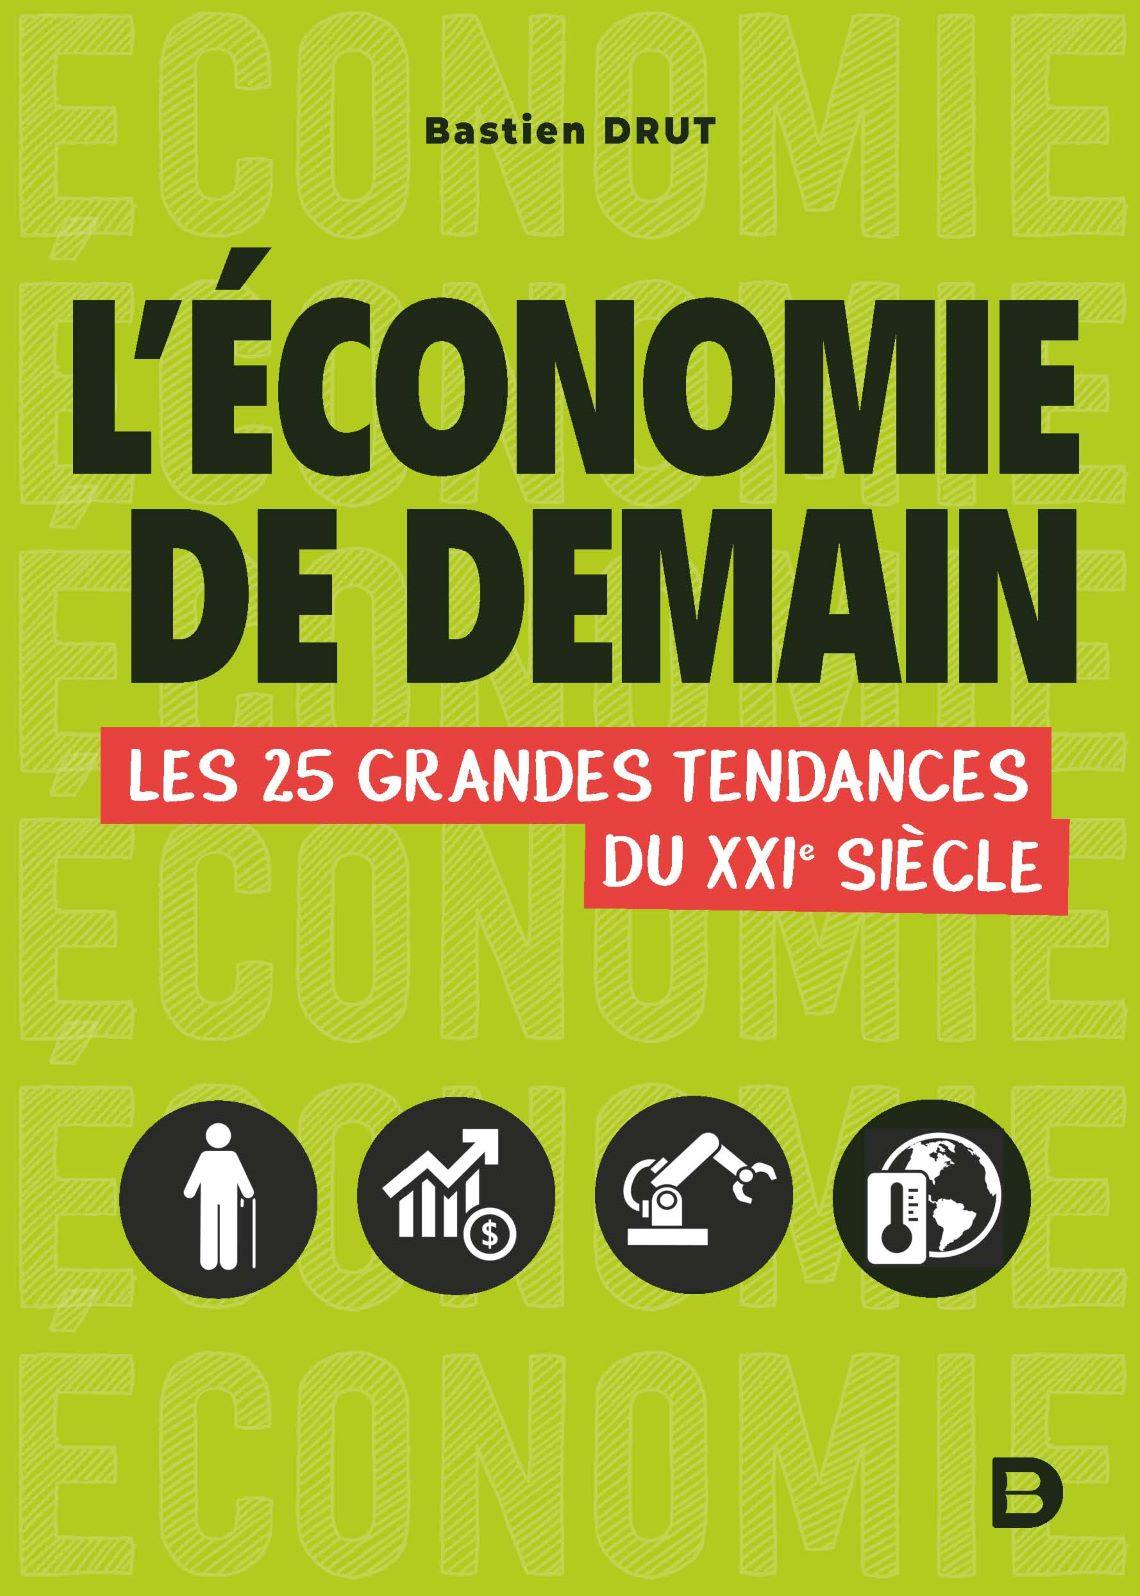 L'Économie de demain par Bastien Drut (couverture).